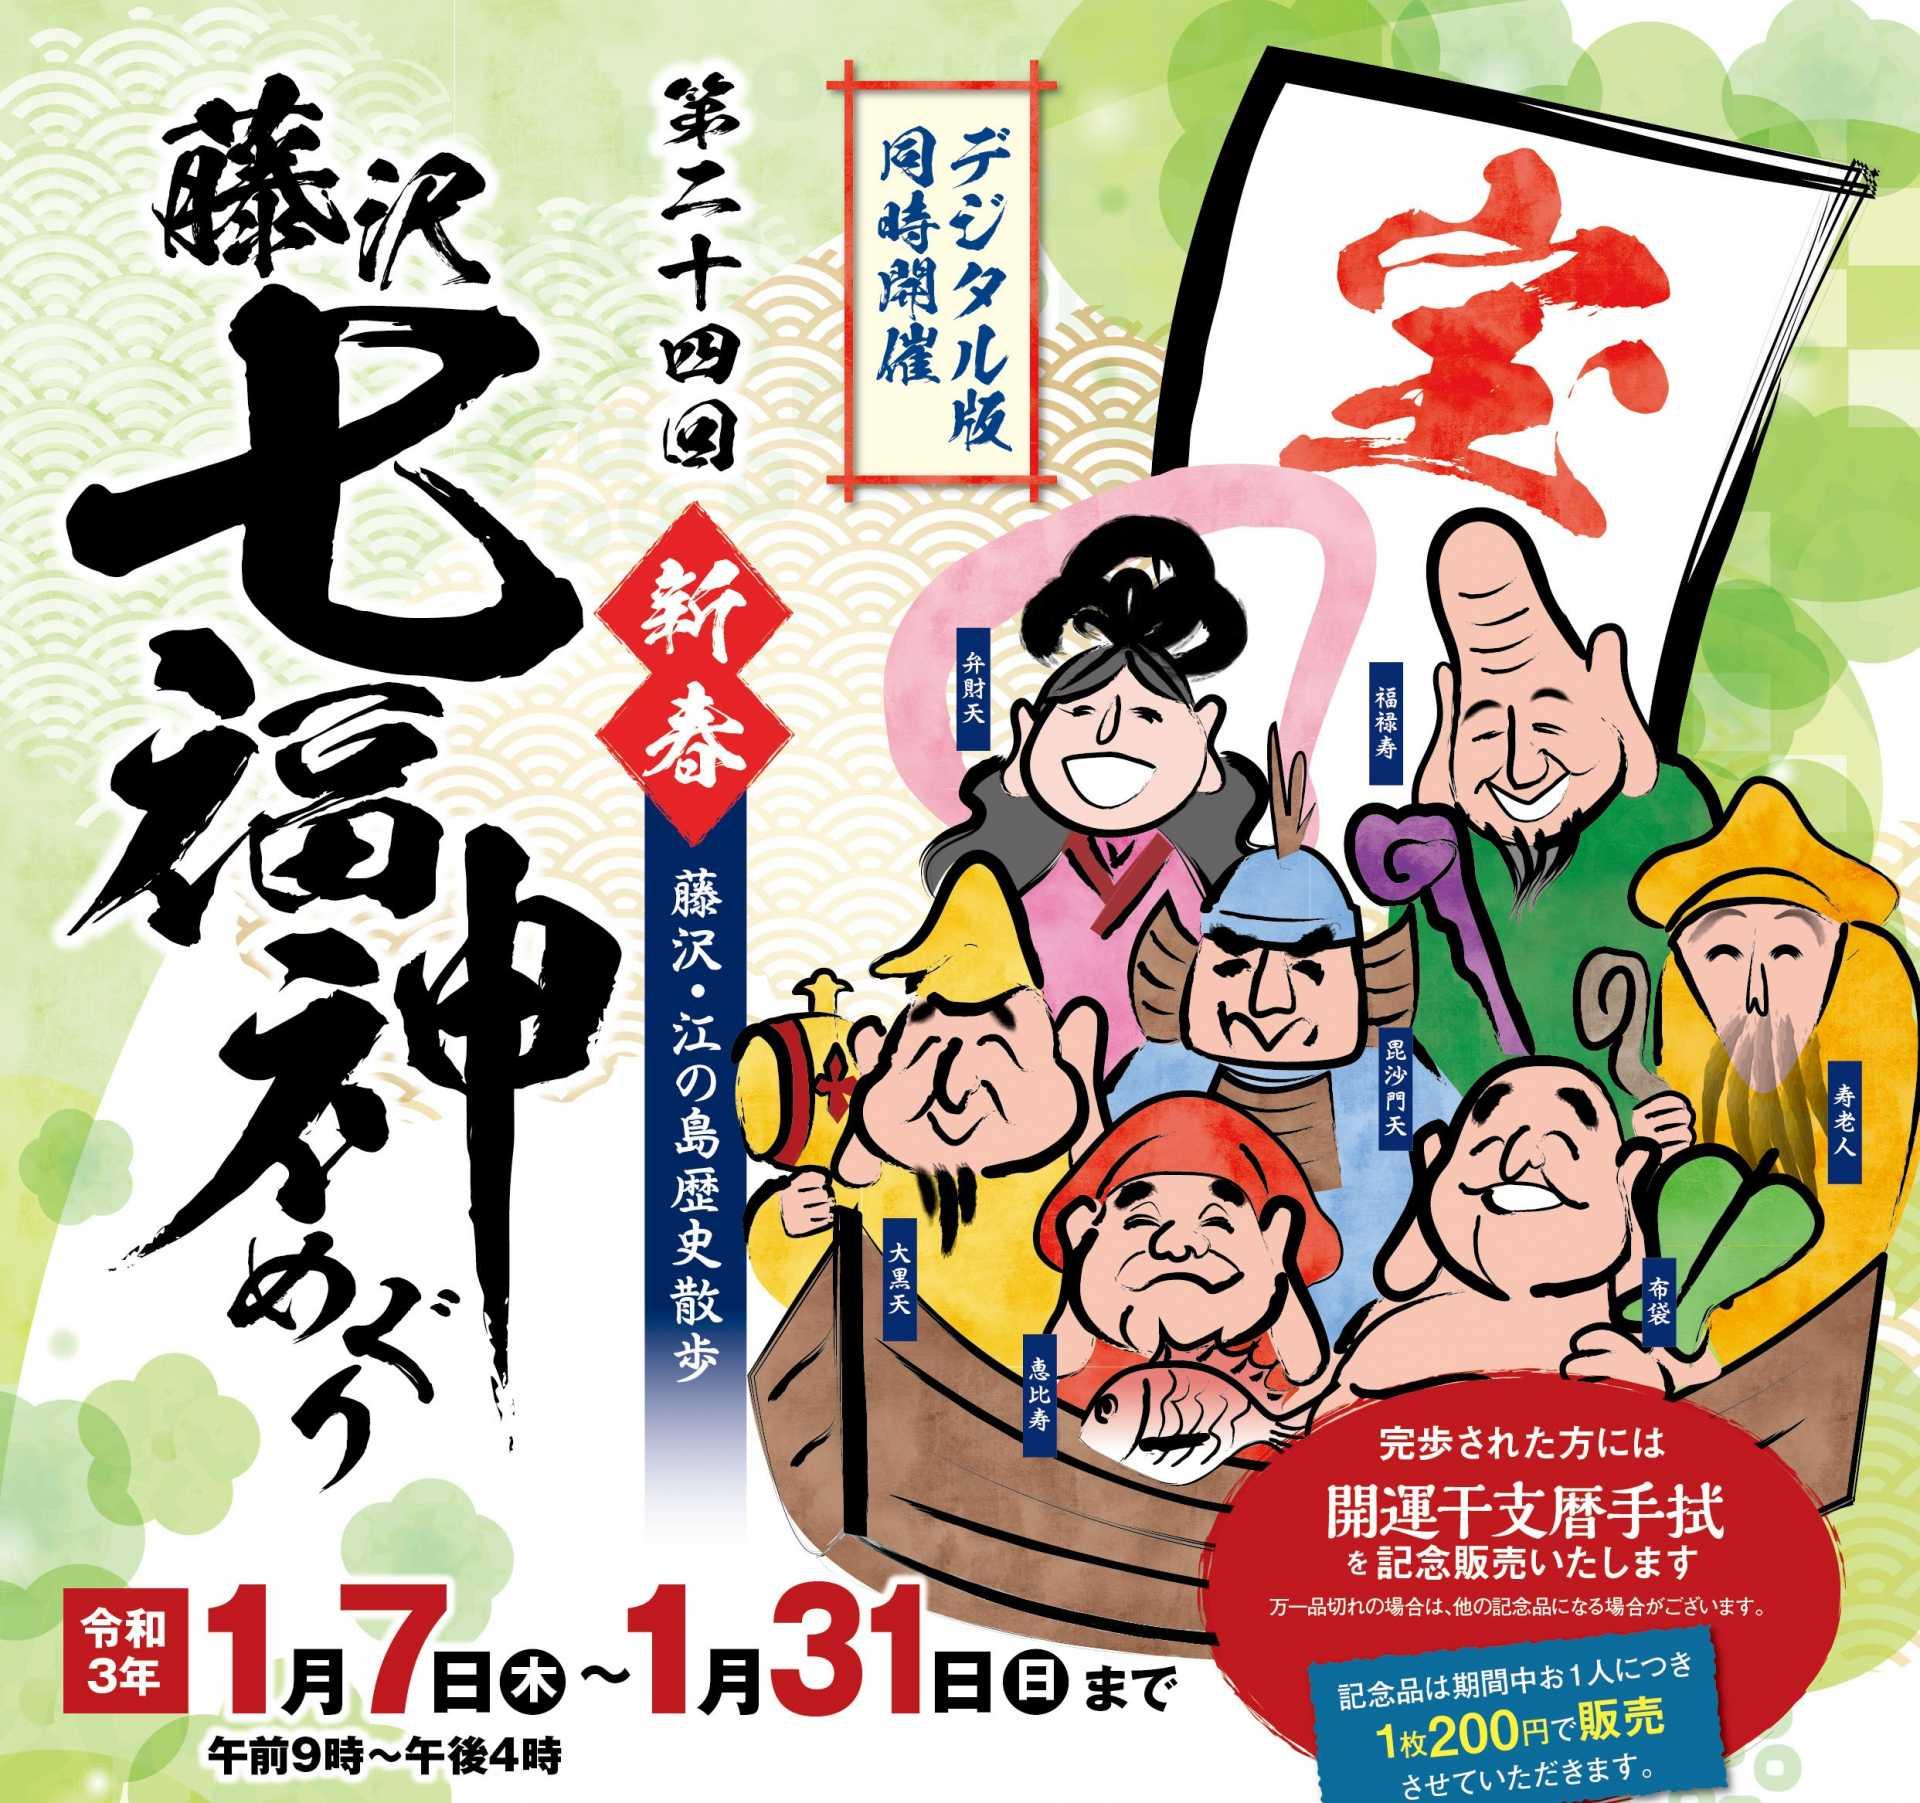 第24回 新春藤沢・江の島歴史散歩